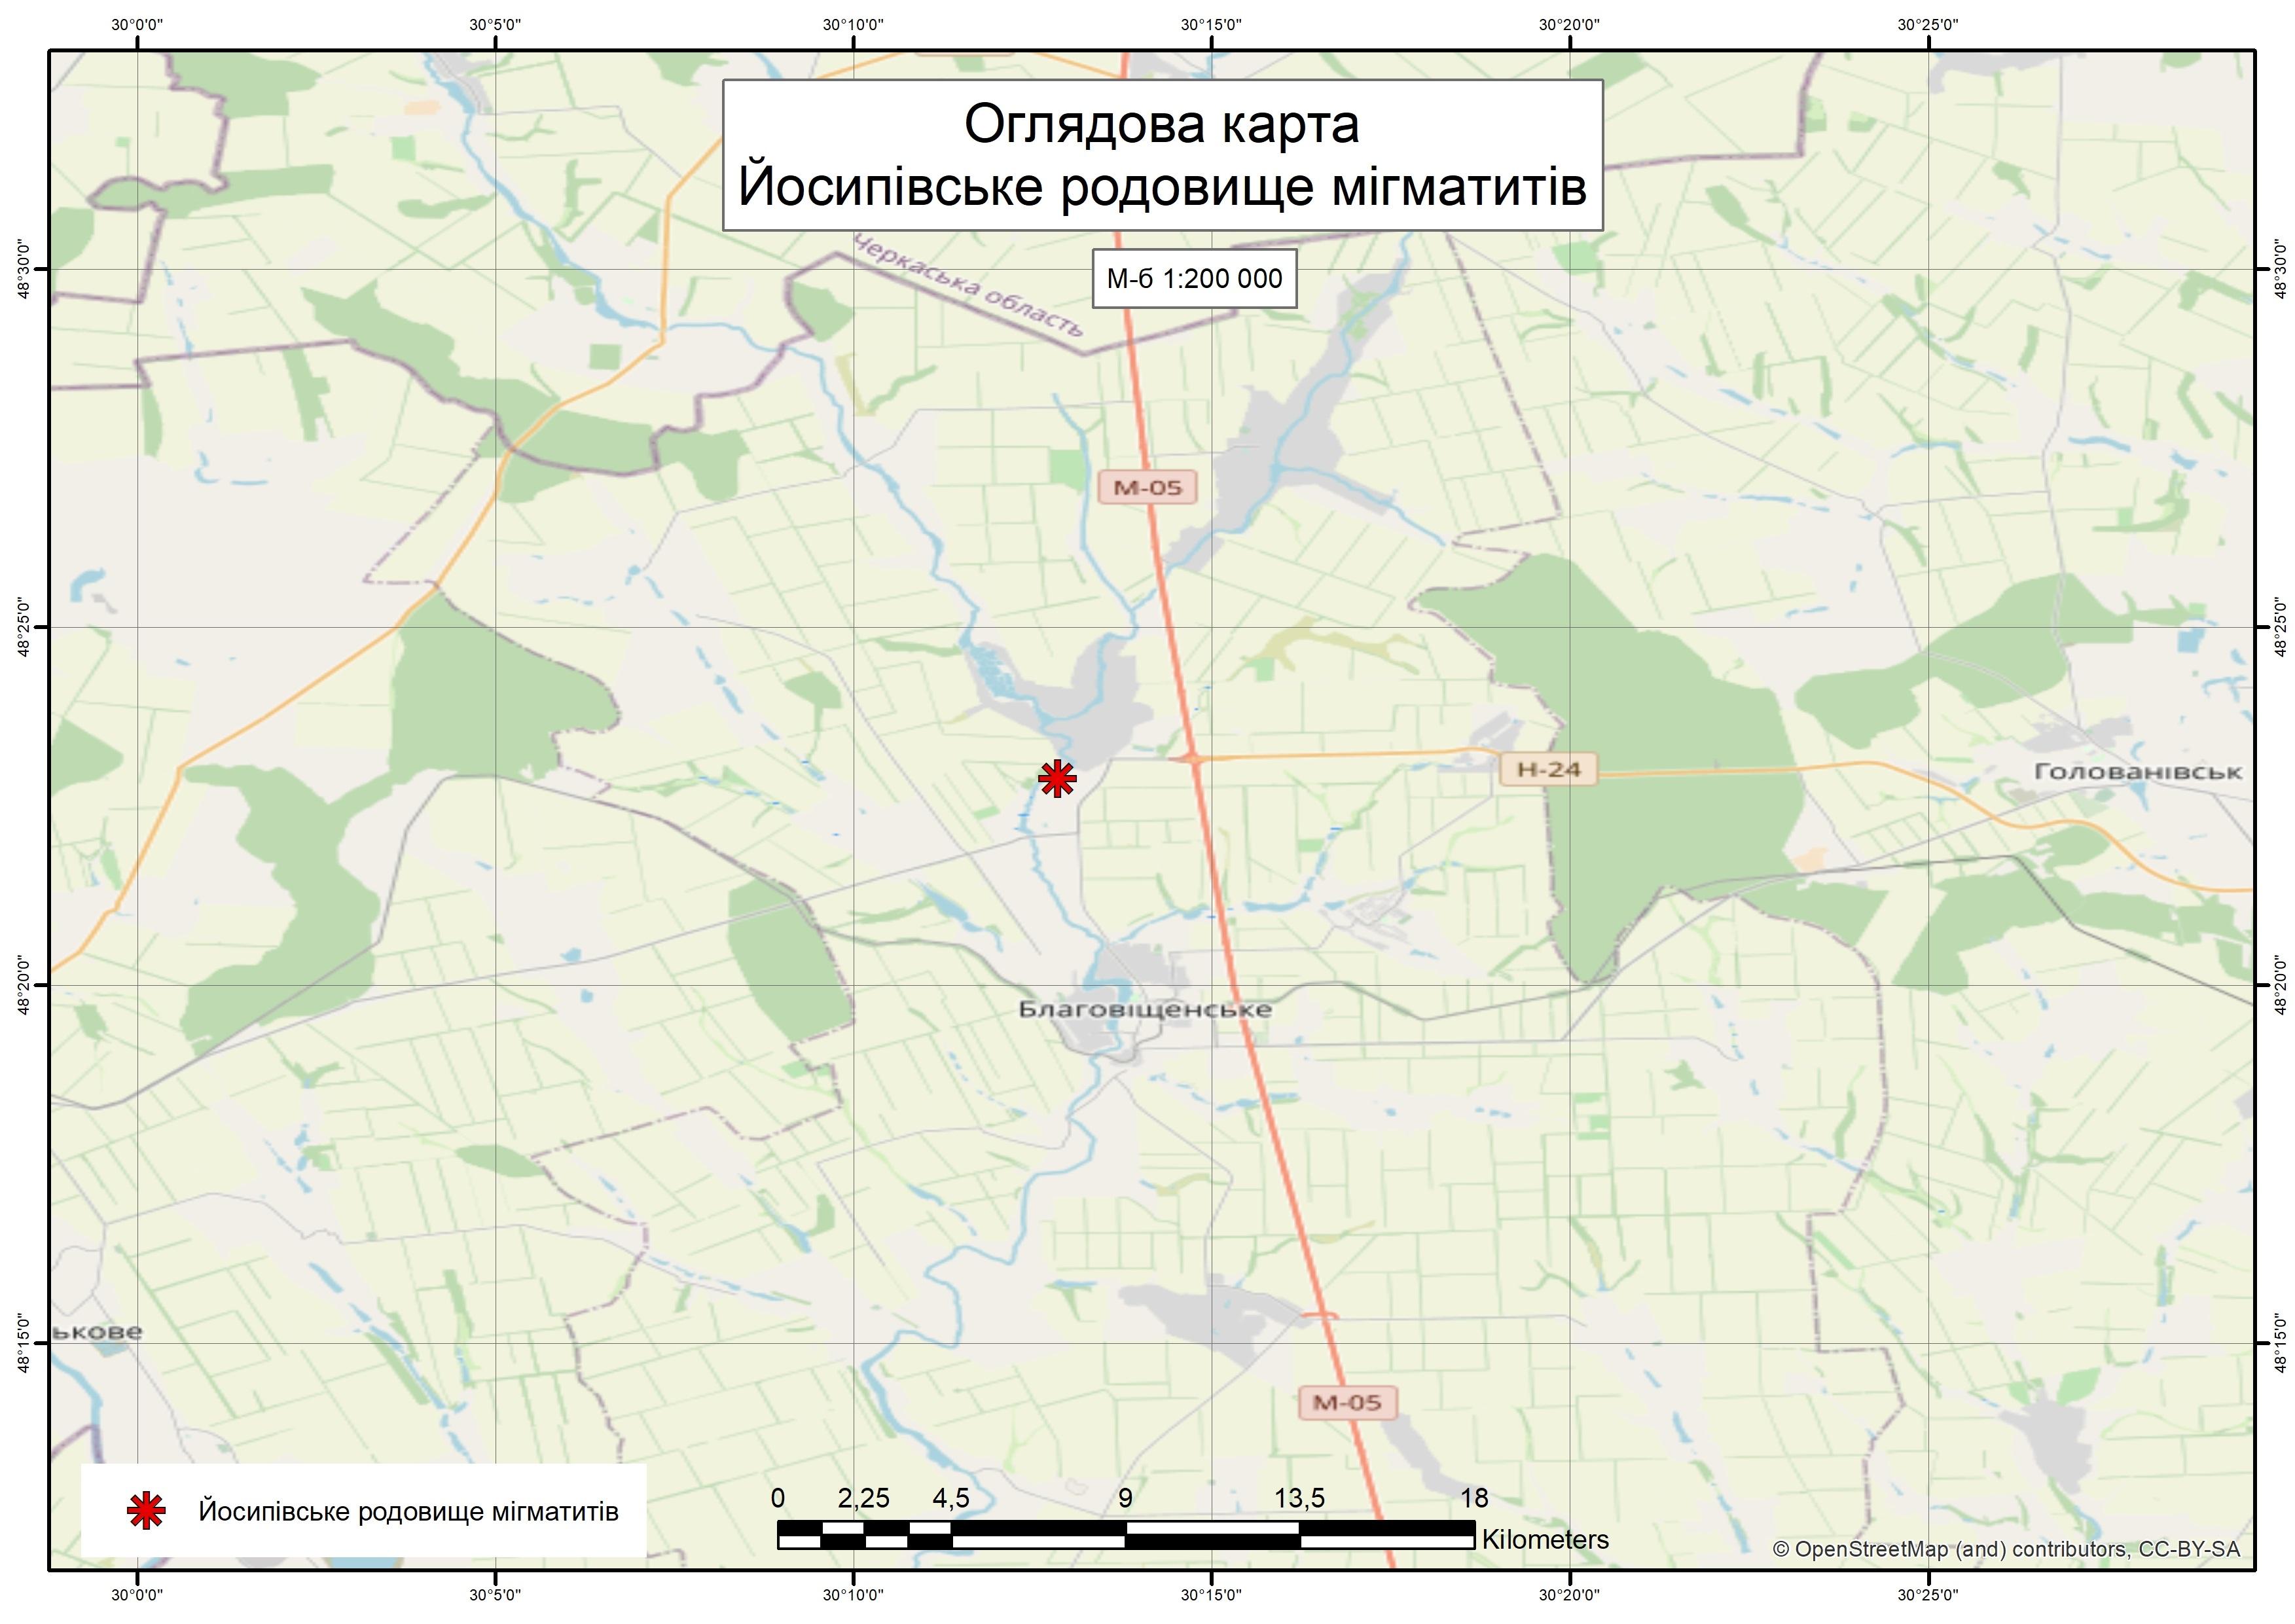 Спеціальний дозвіл на користування надрами – Йосипівське родовище. Вартість геологічної інформації – 184 541,84 грн (з ПДВ). Вартість пакету аукціонної документації – 35 016,79 грн (з ПДВ).